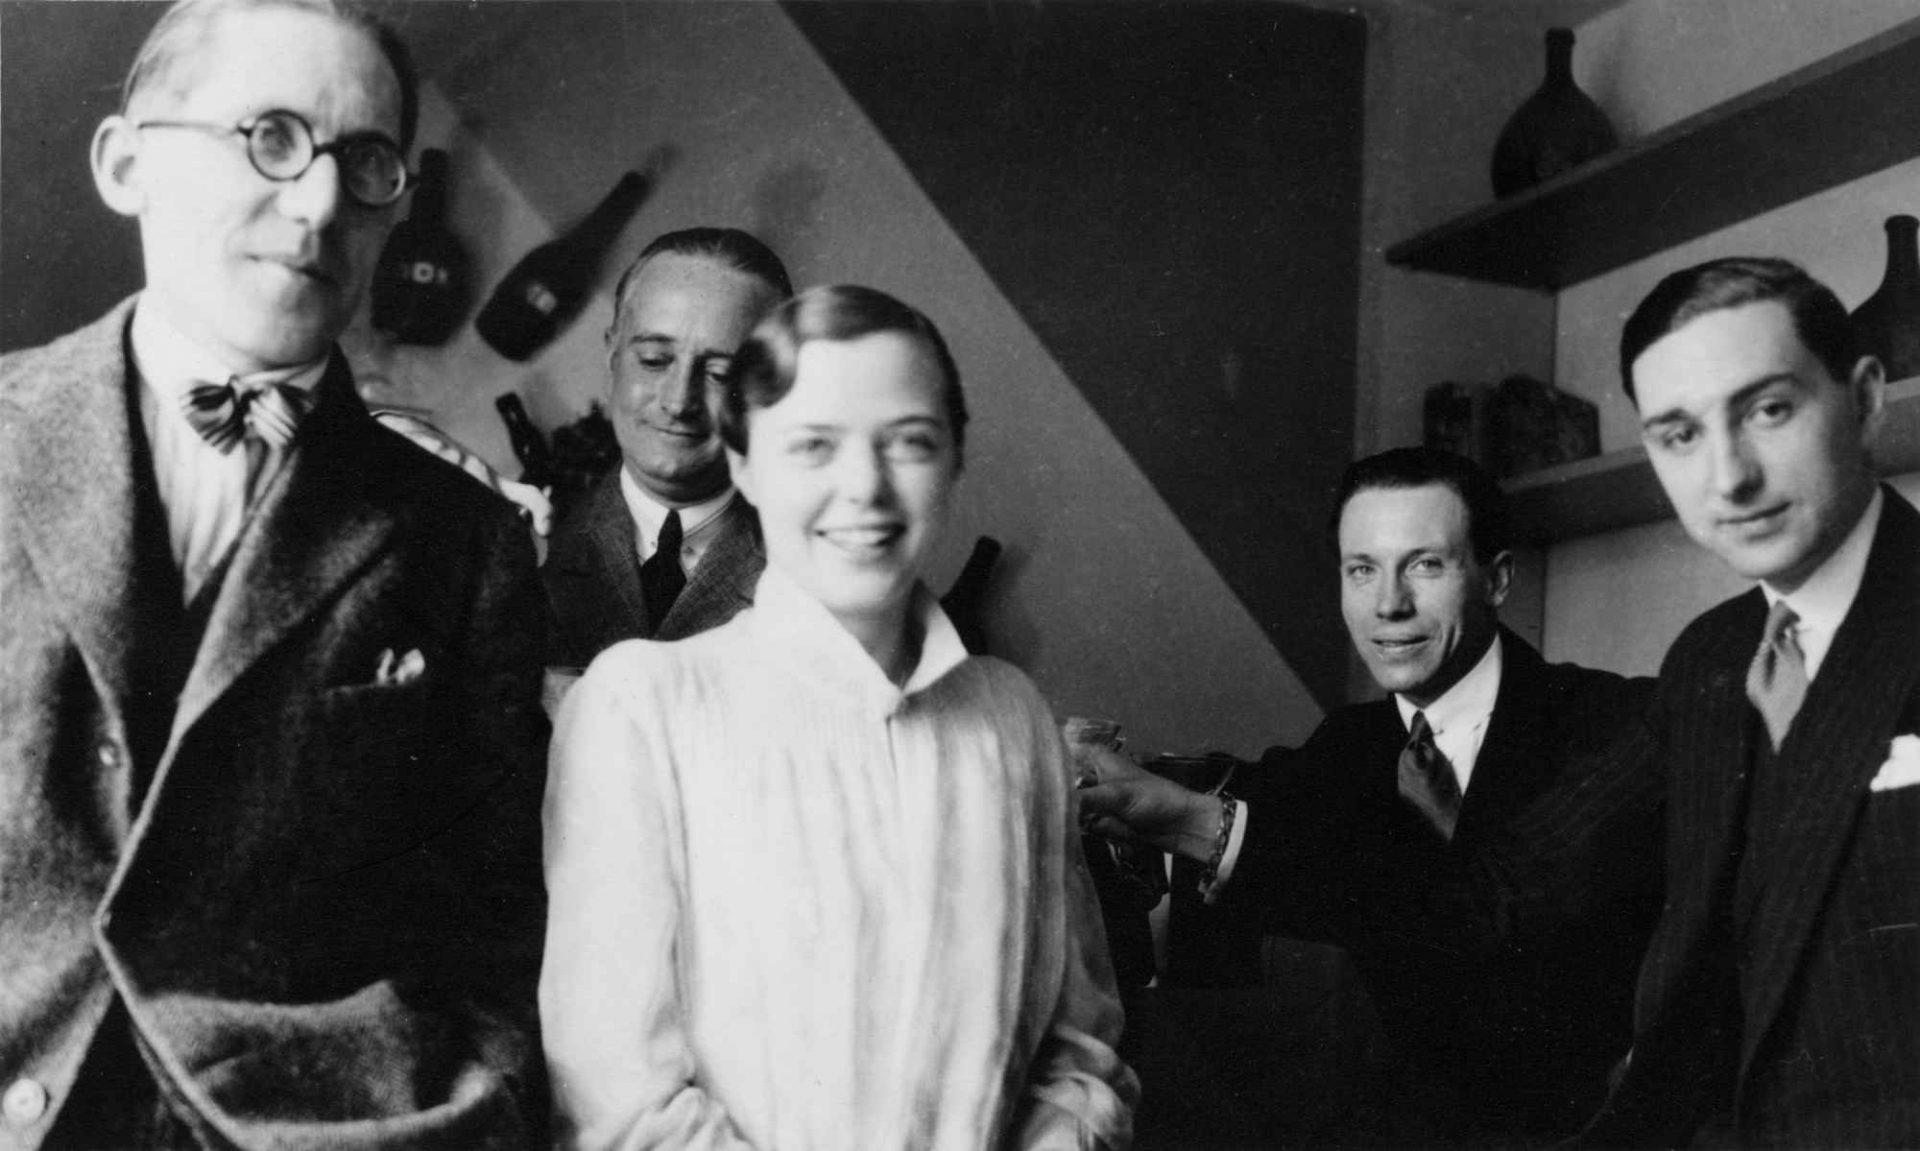 Le Corbusier, Charlotte Perriand